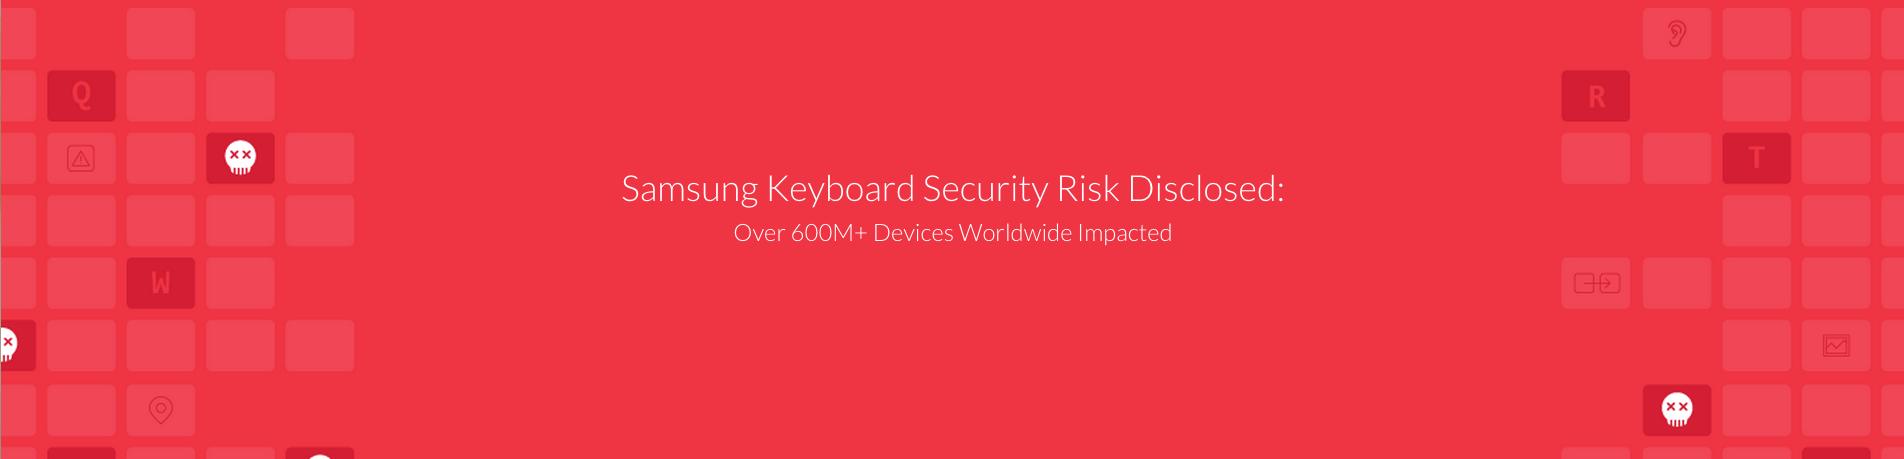 Les Galaxy S4, S5 et S6 vulnérables à cause d'une faille de leur clavier